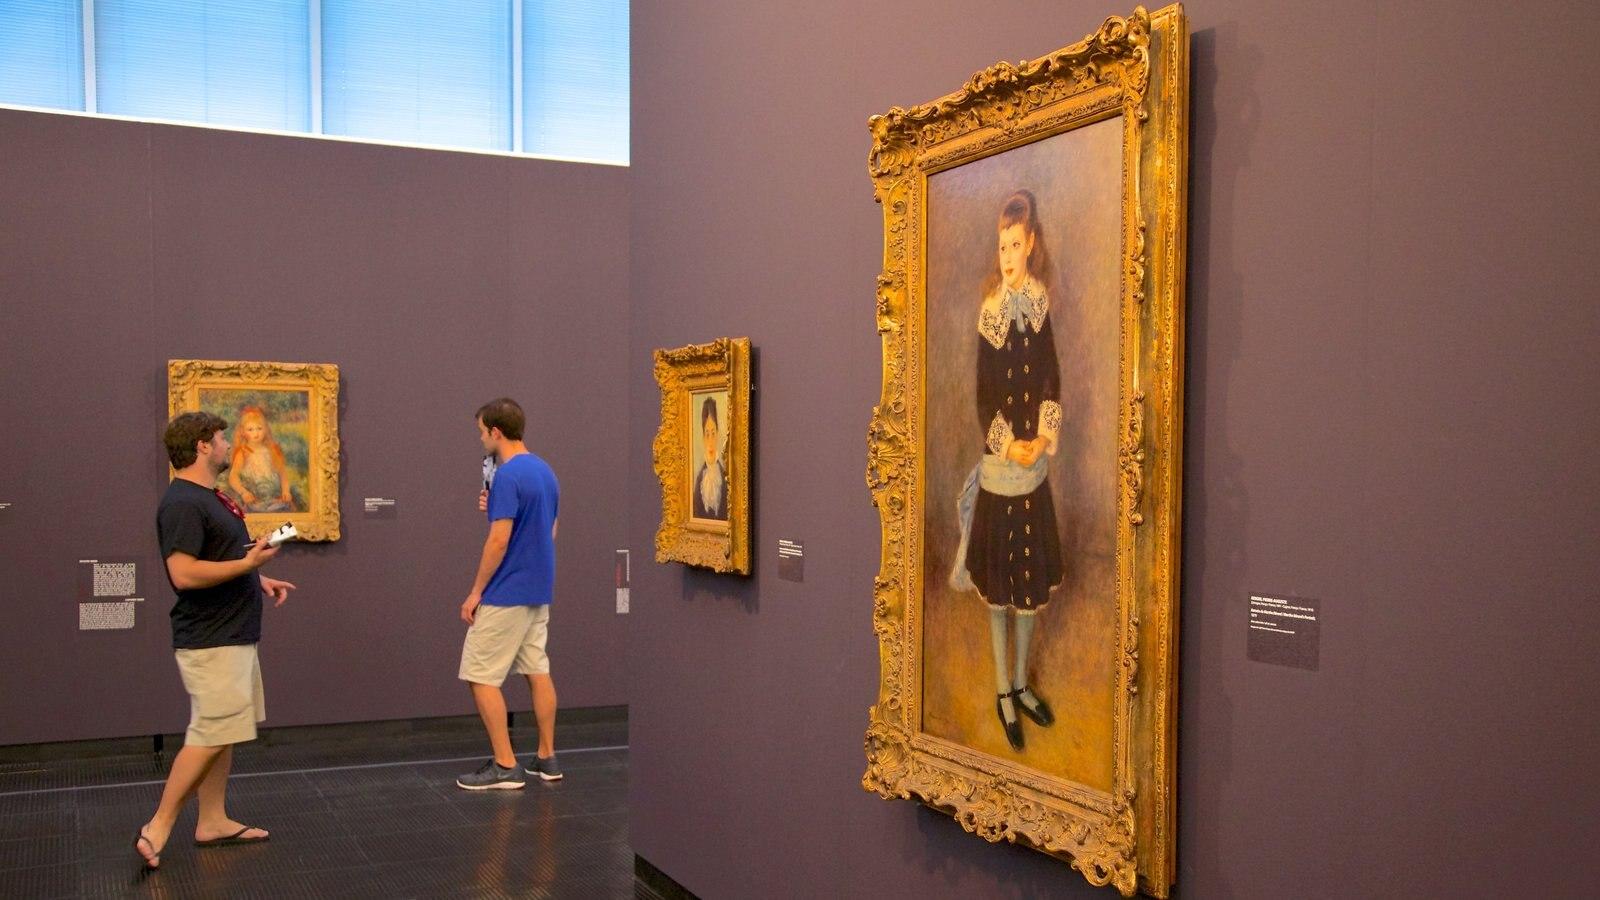 Museu de Arte Moderna mostrando vistas internas e arte